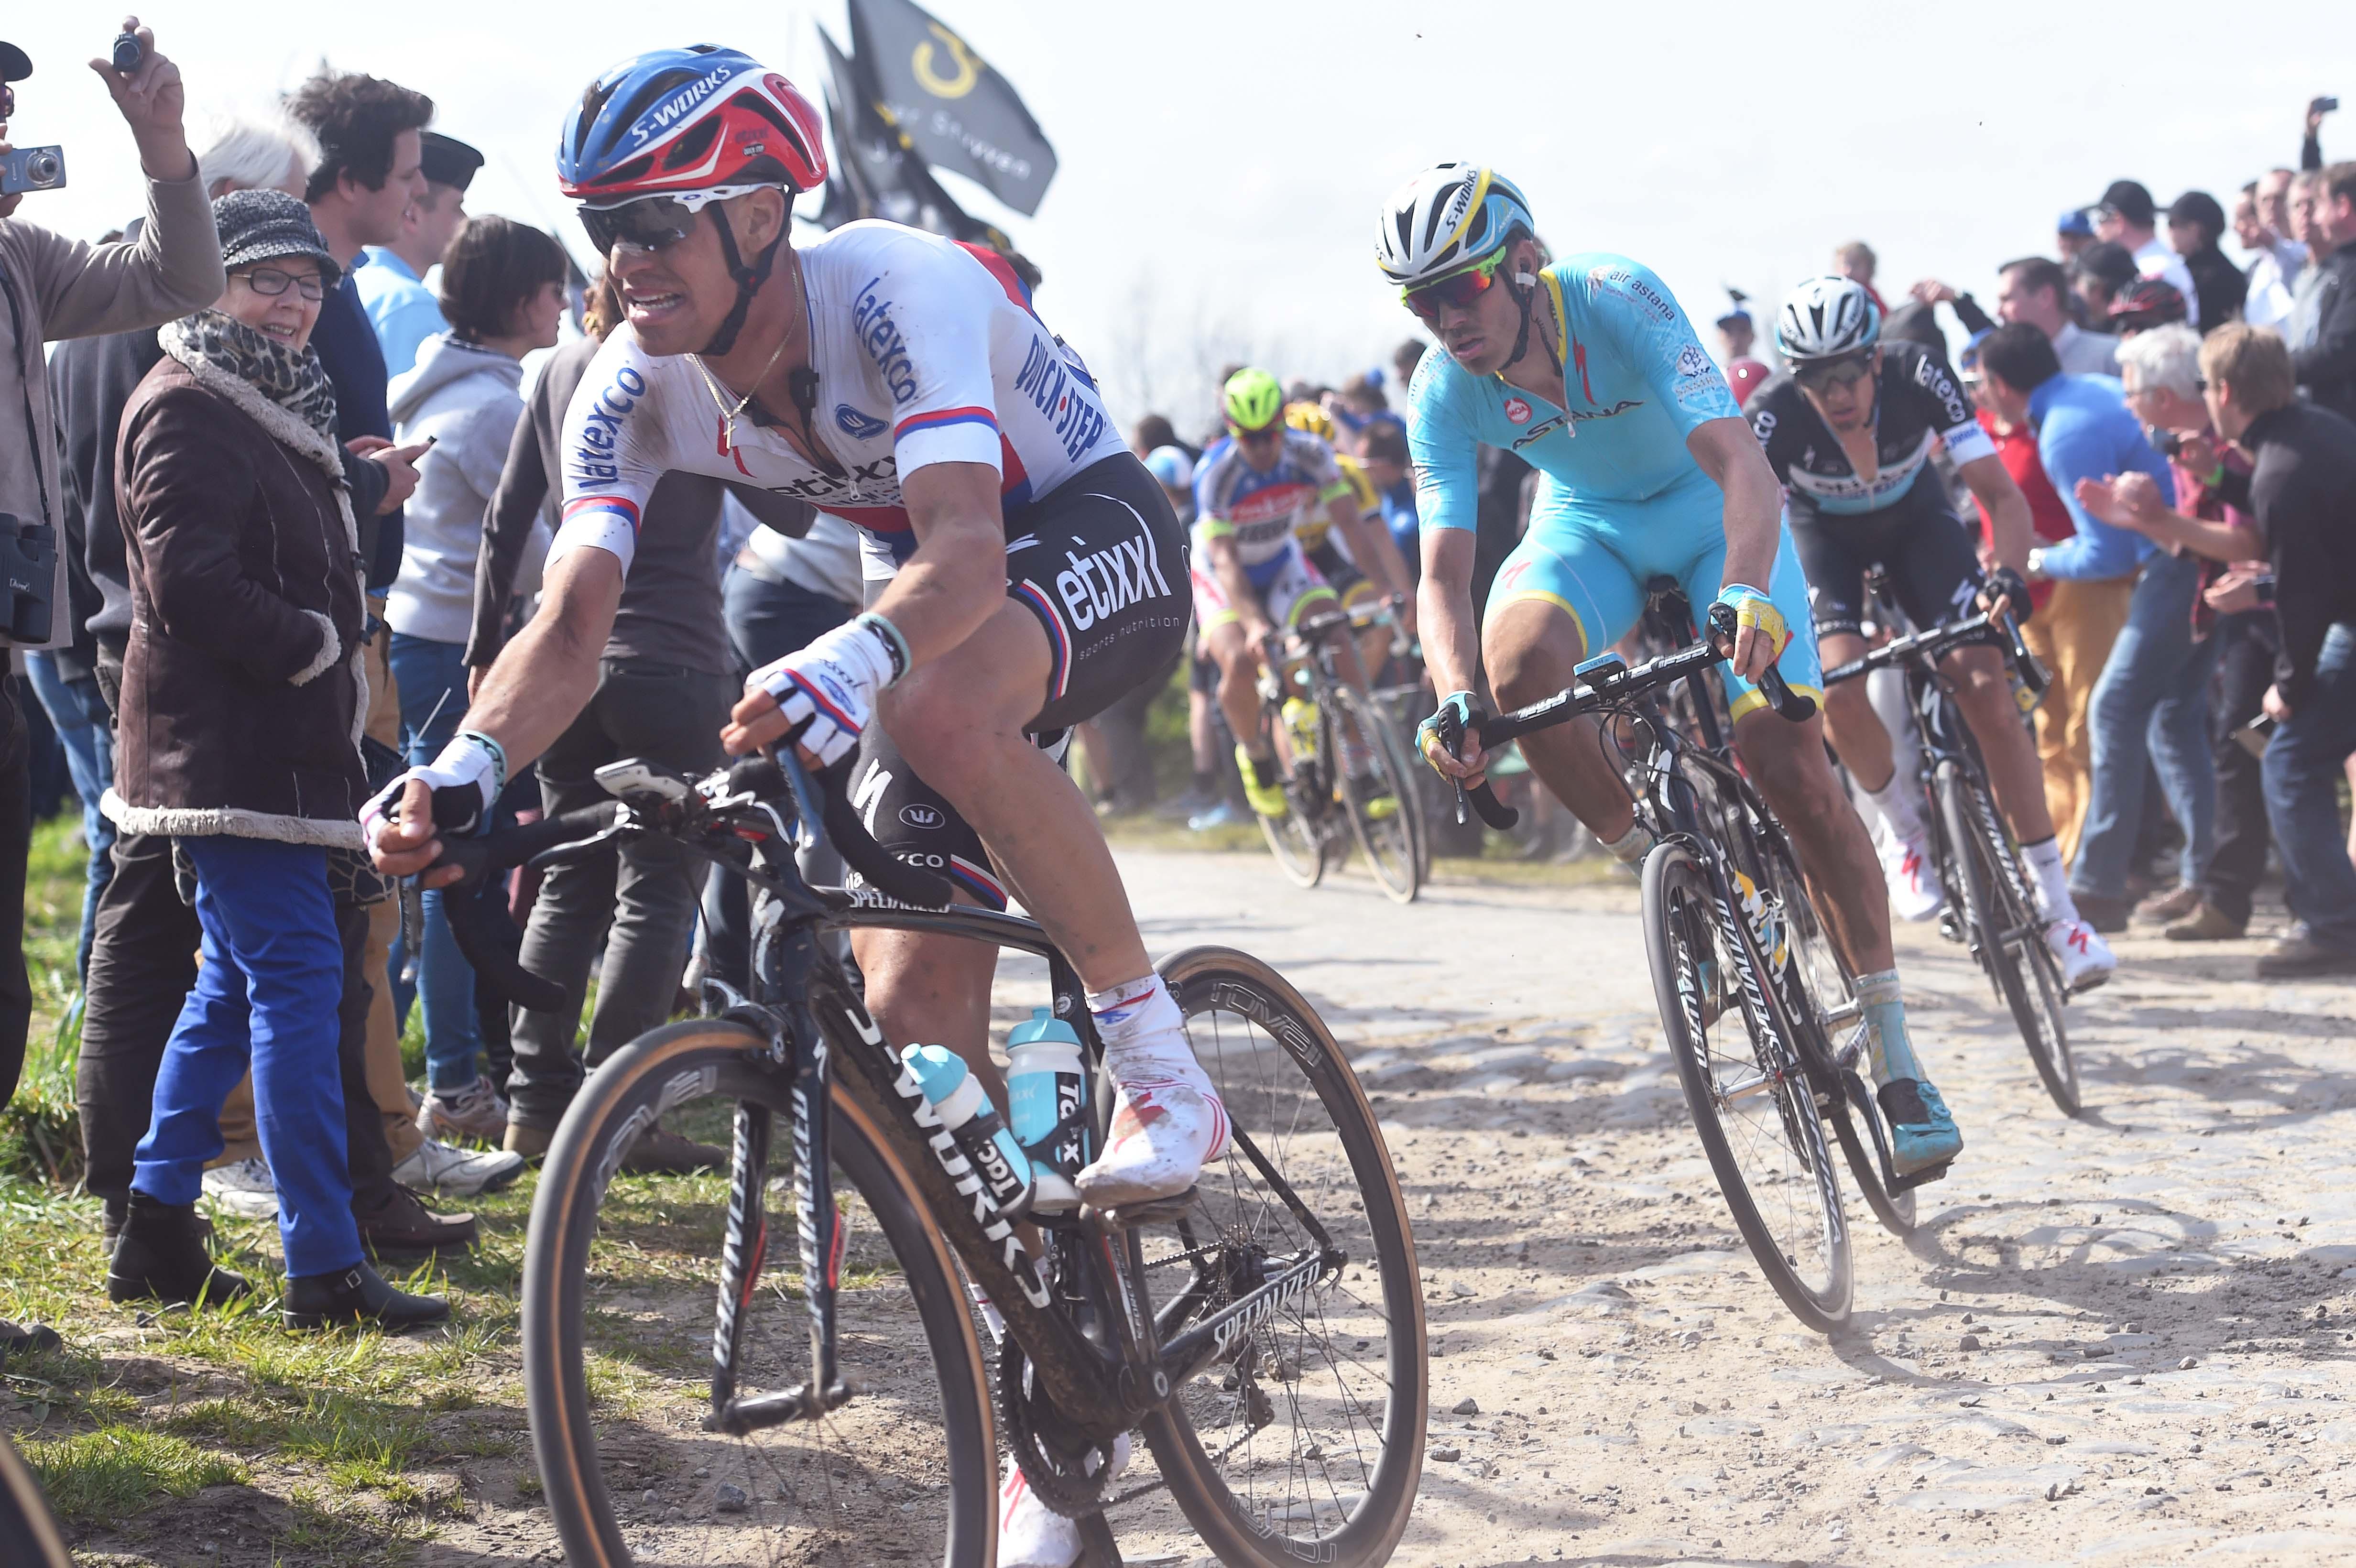 Zdeněk Štybar a Lars Boom - dva bývalí cyklokrosaři patřili k velkým postavám 113. ročníku Paříž - Roubaix.